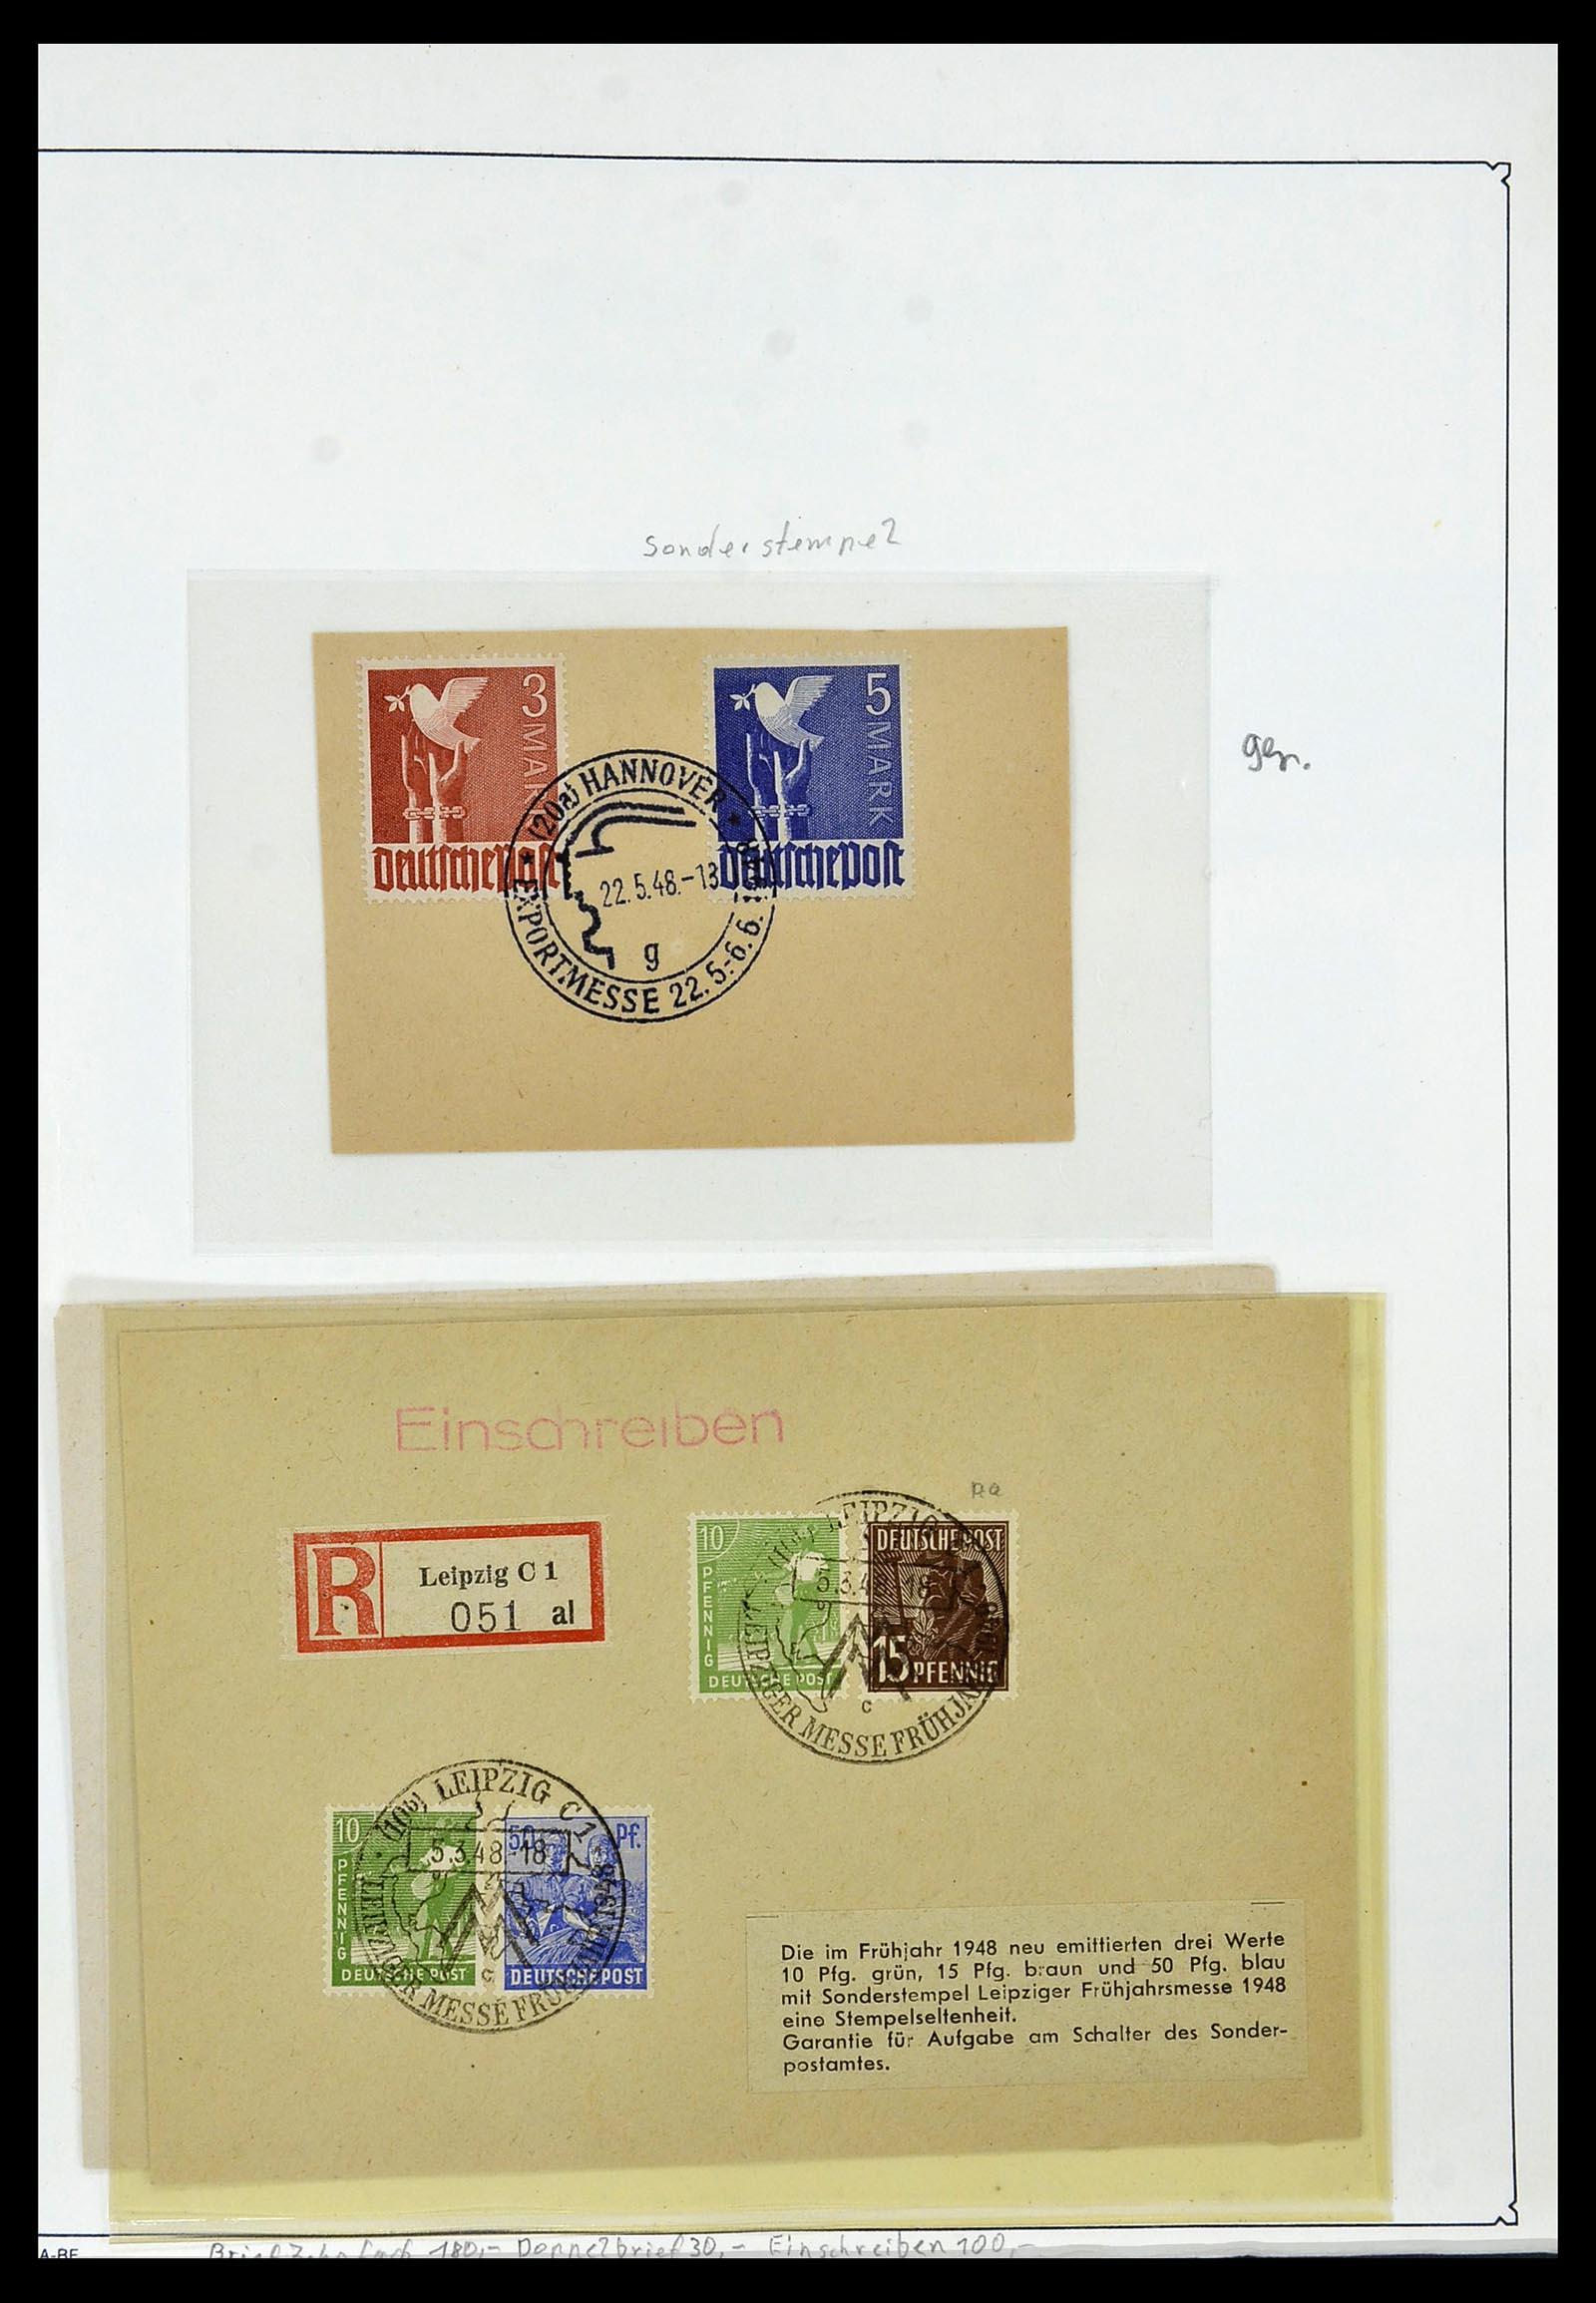 34152 002 - Postzegelverzameling 34152 Duitse Zones 1945-1949.